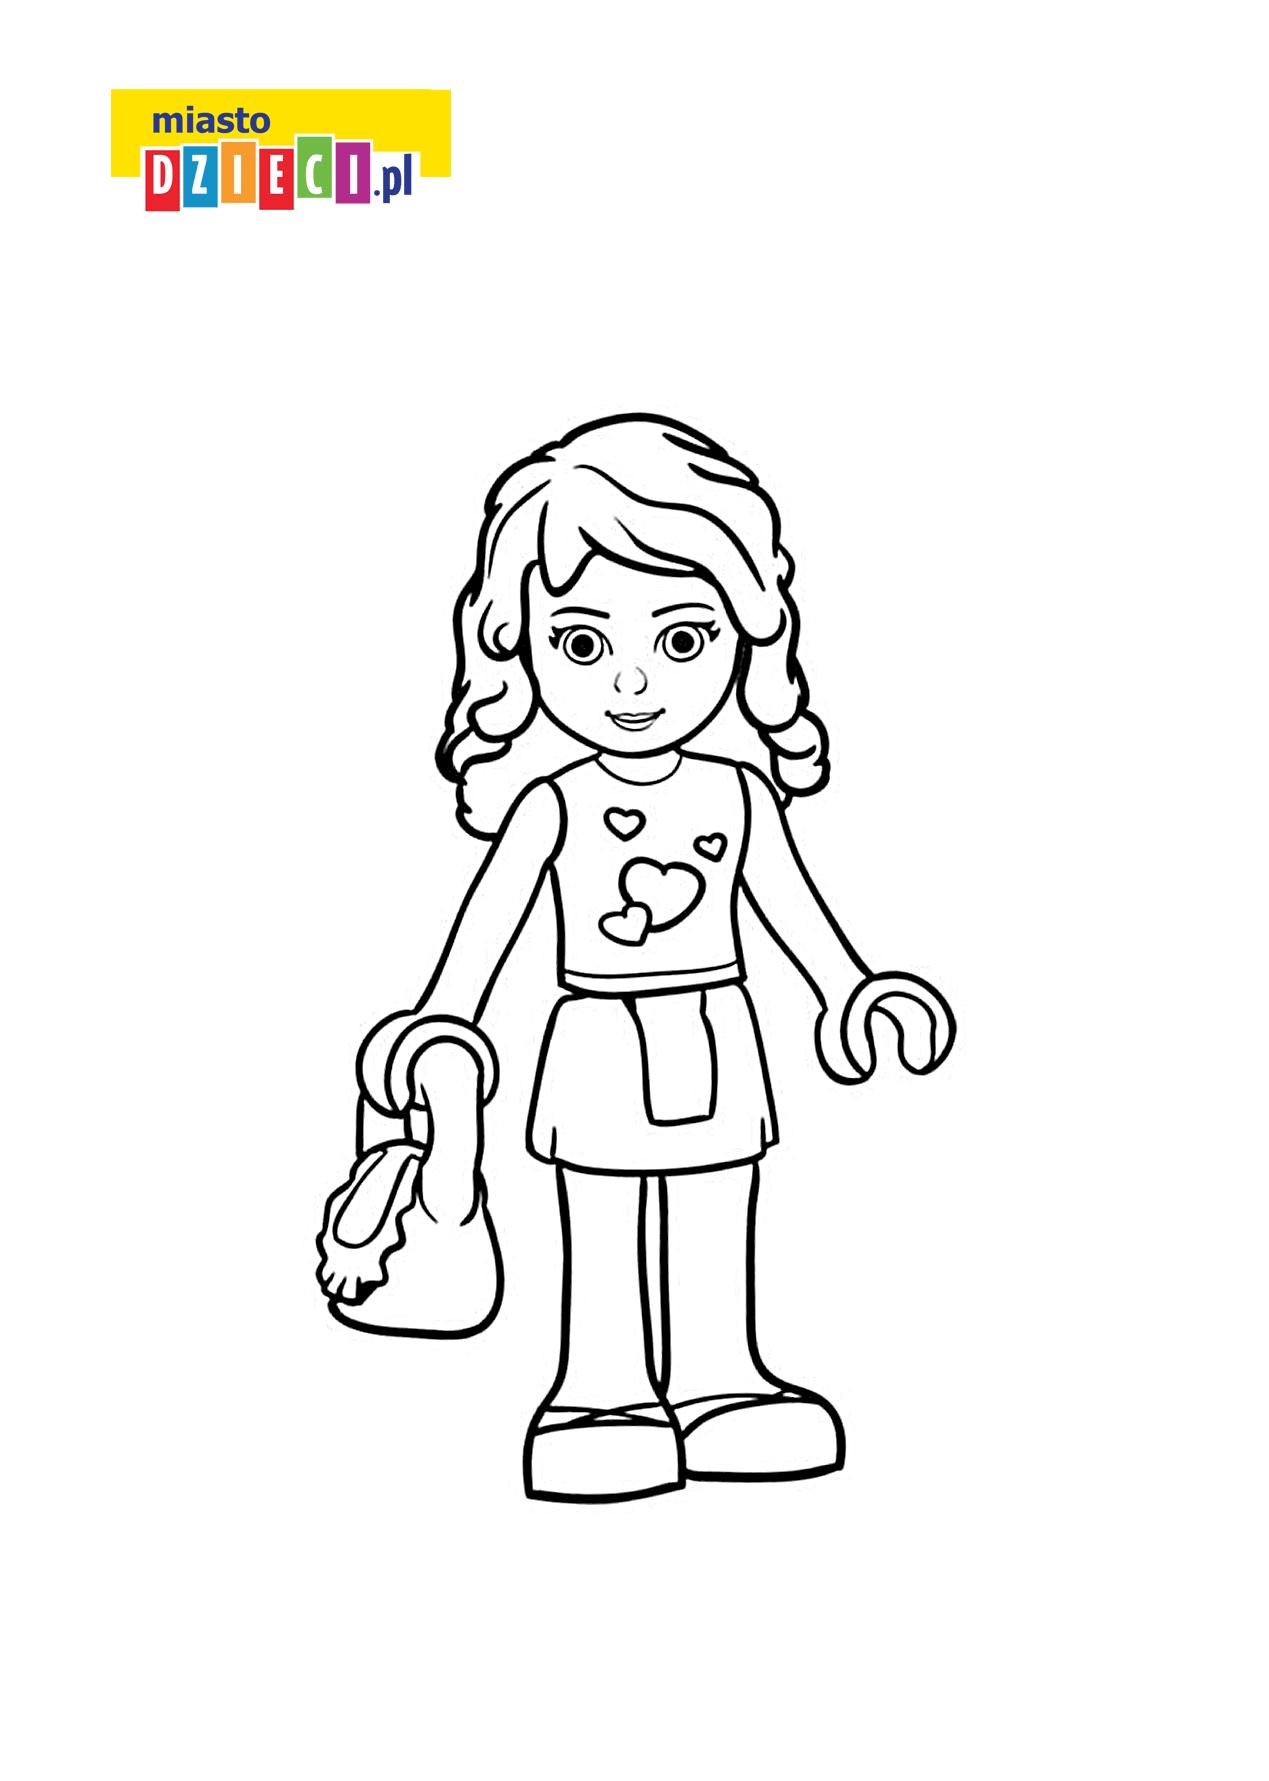 Olivia z Lego Friends - kolorowanka kolorowanki i szablony do druku dla dzieci MiastoDzieci.pl